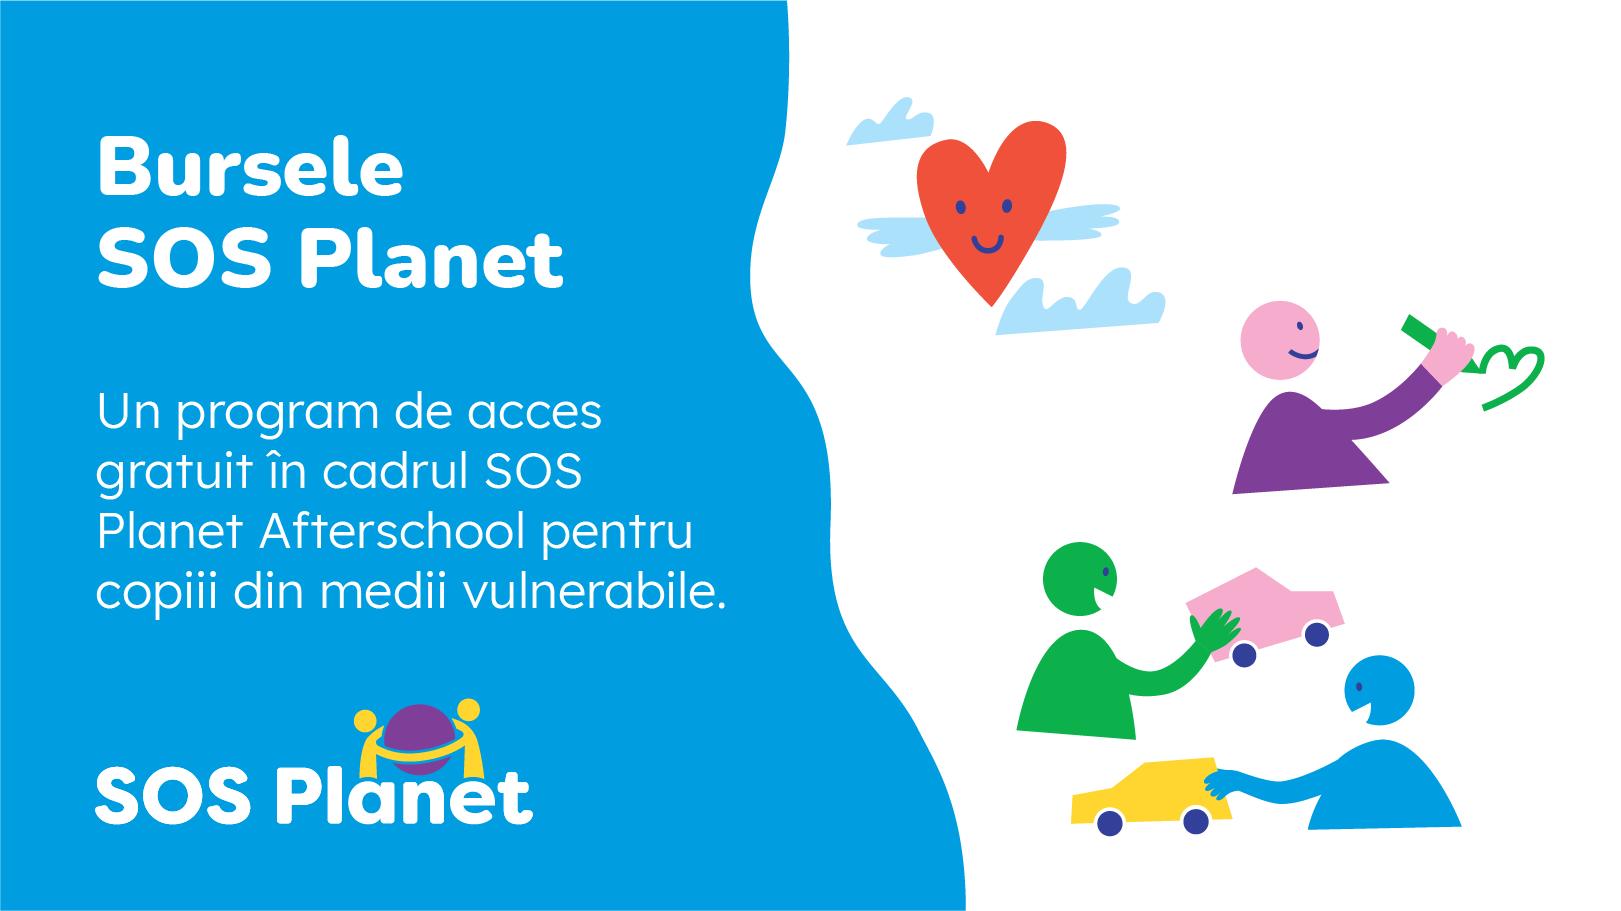 SOS Planet Afterschool deschide înscrierile pentru Bursele SOS Planet